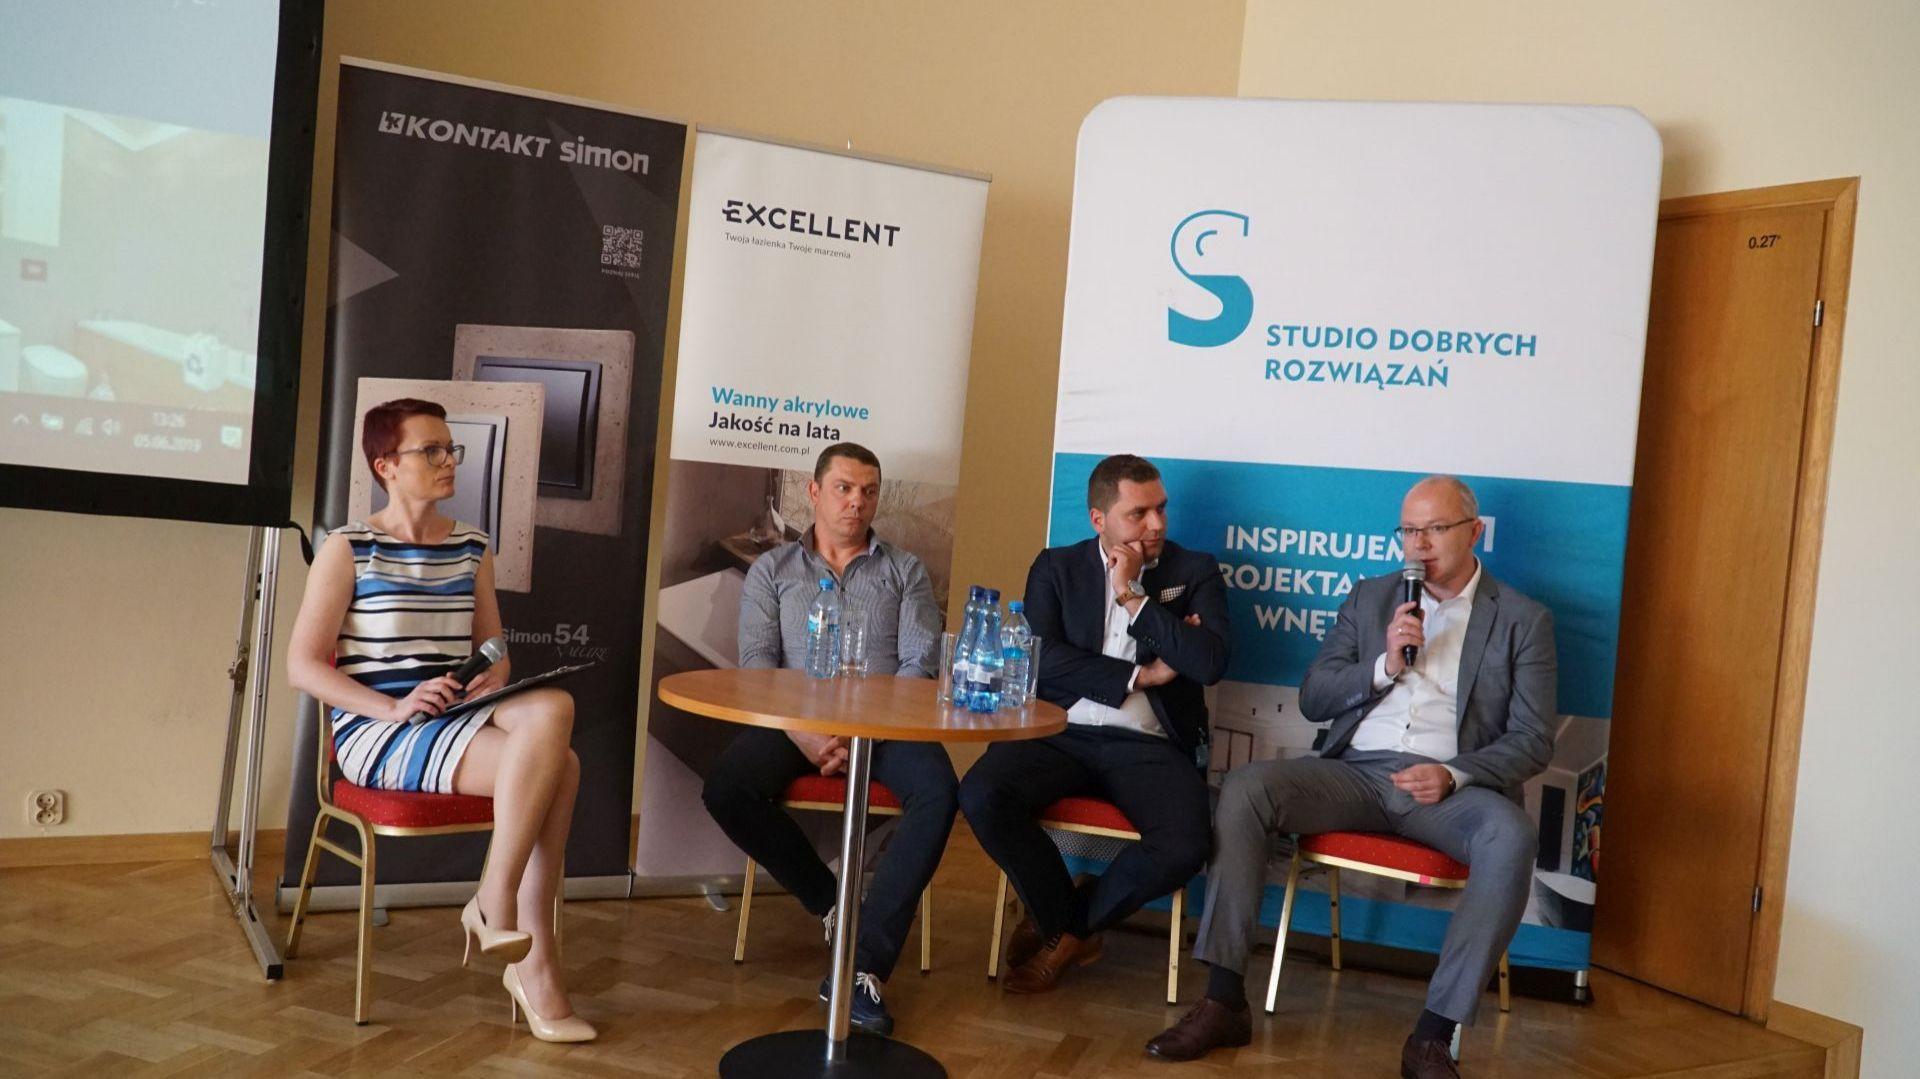 Łazienki - trendy 2019. Dyskusja podsumowująca z udziałem przedstawicieli firm Mirad, Excellent i Marmorin Design